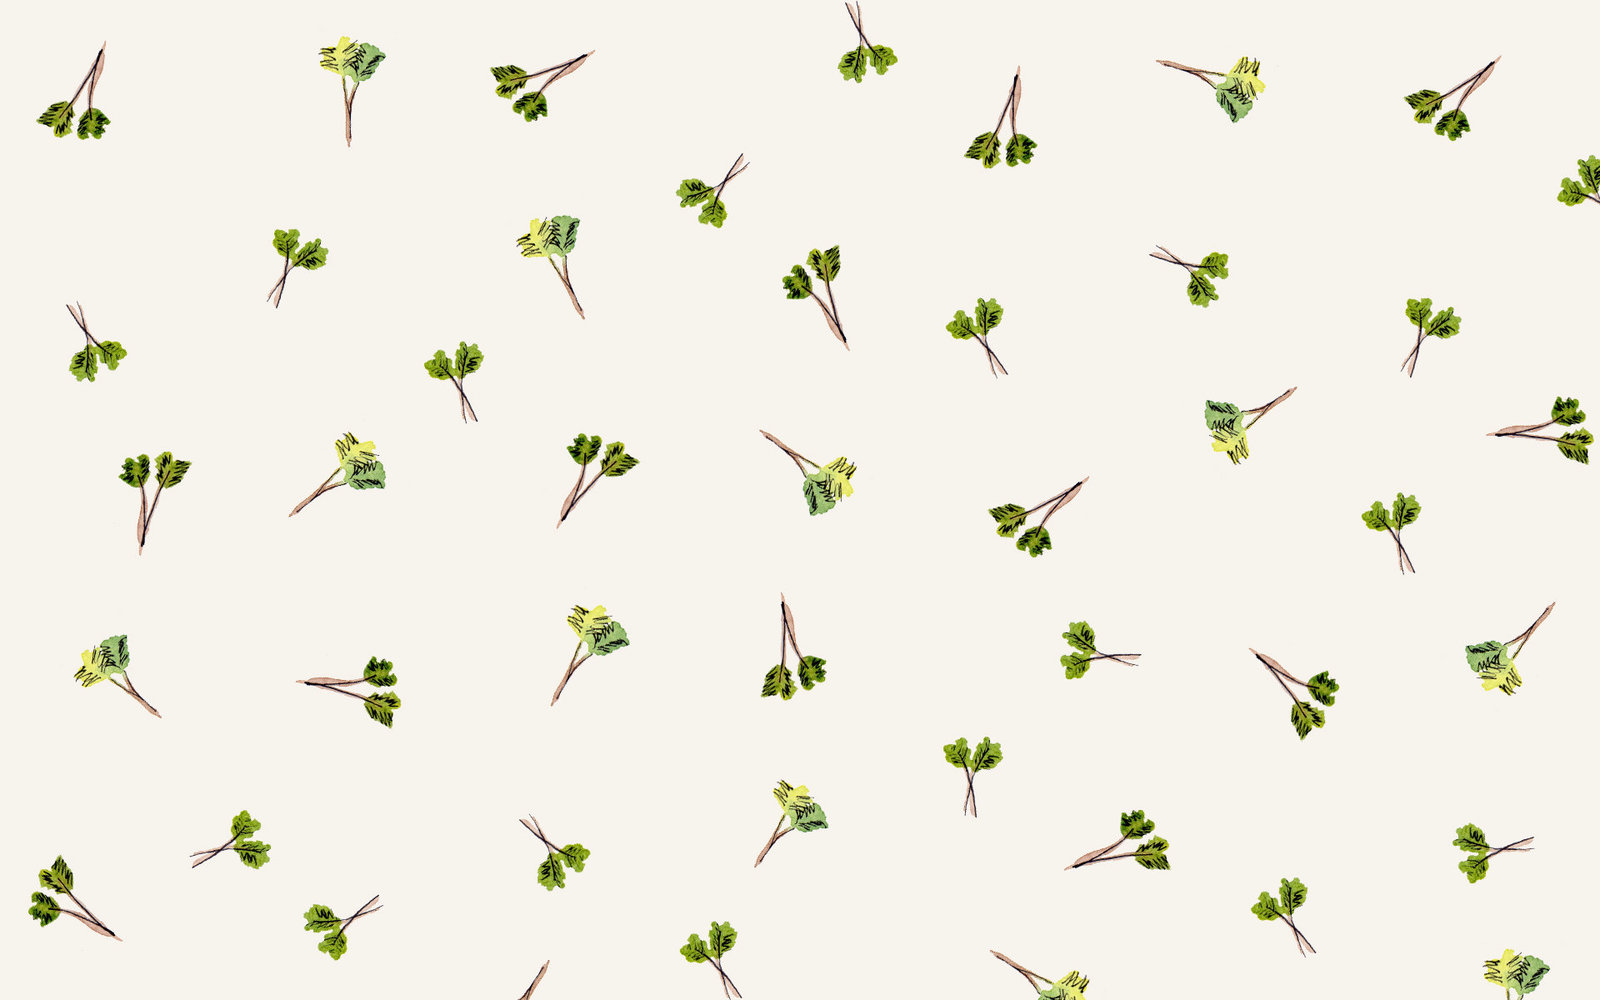 wallpaper_1_final